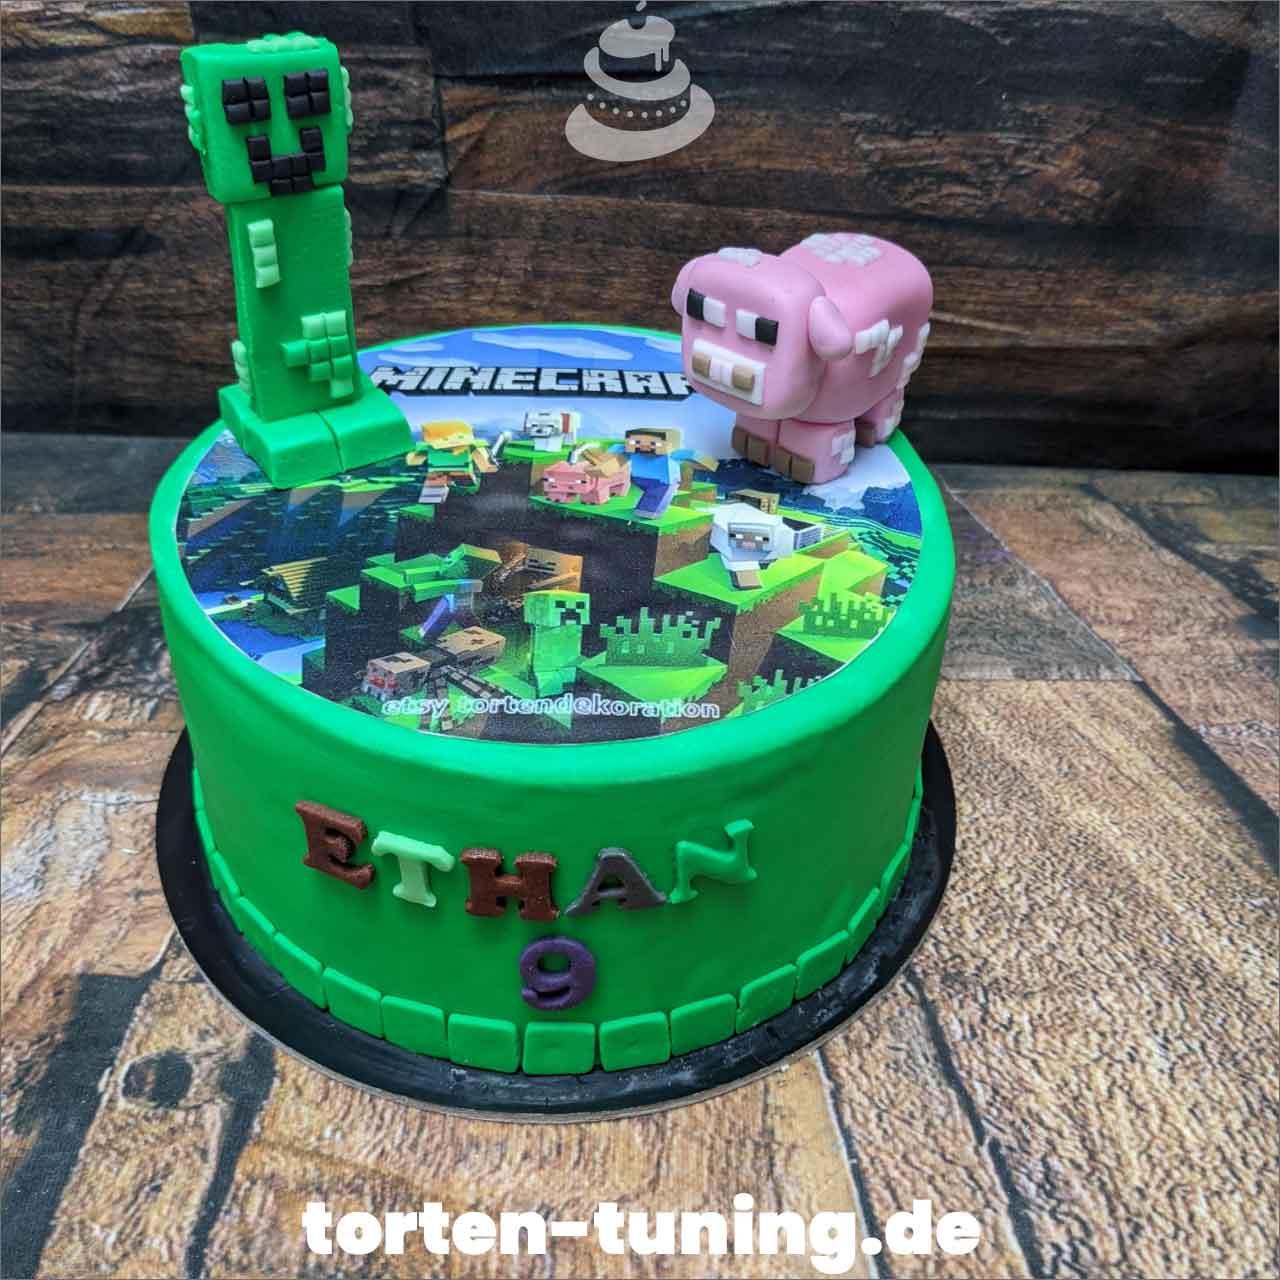 Minecraft Dripcake Obsttorte Geburtstagstorte Motivtorte Torte Tortendekoration Torte online bestellen Suhl Thüringen Torten Tuning Sahnetorte Tortenfiguren Cake Topper